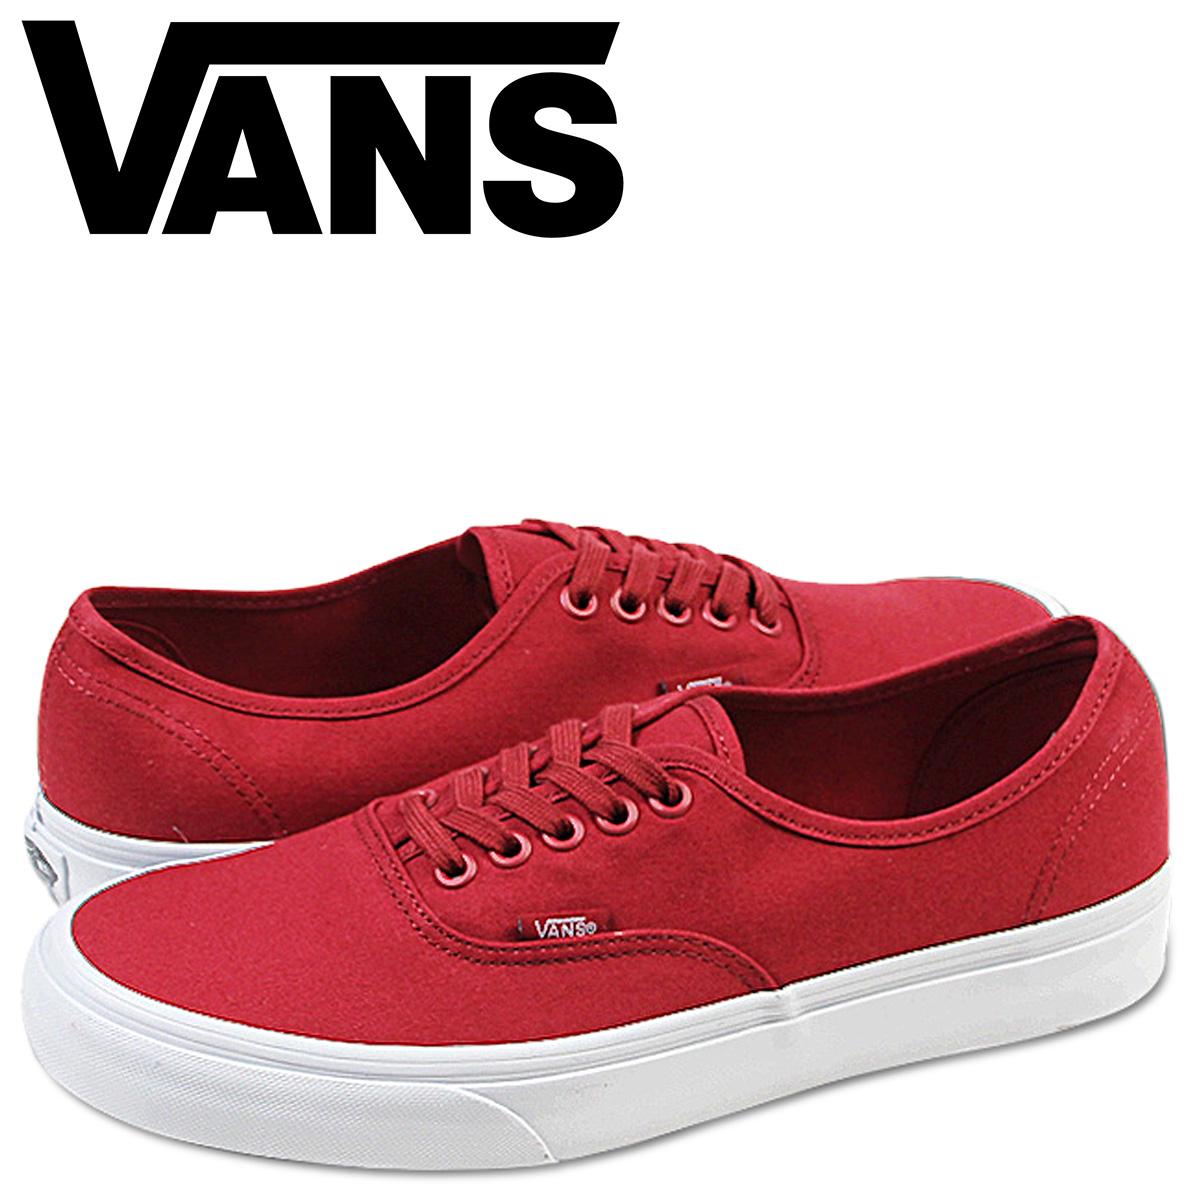 5a9b1eac02 Sugar Online Shop  Vans VANS authentic sneakers AUTHENTIC MONO VN ...